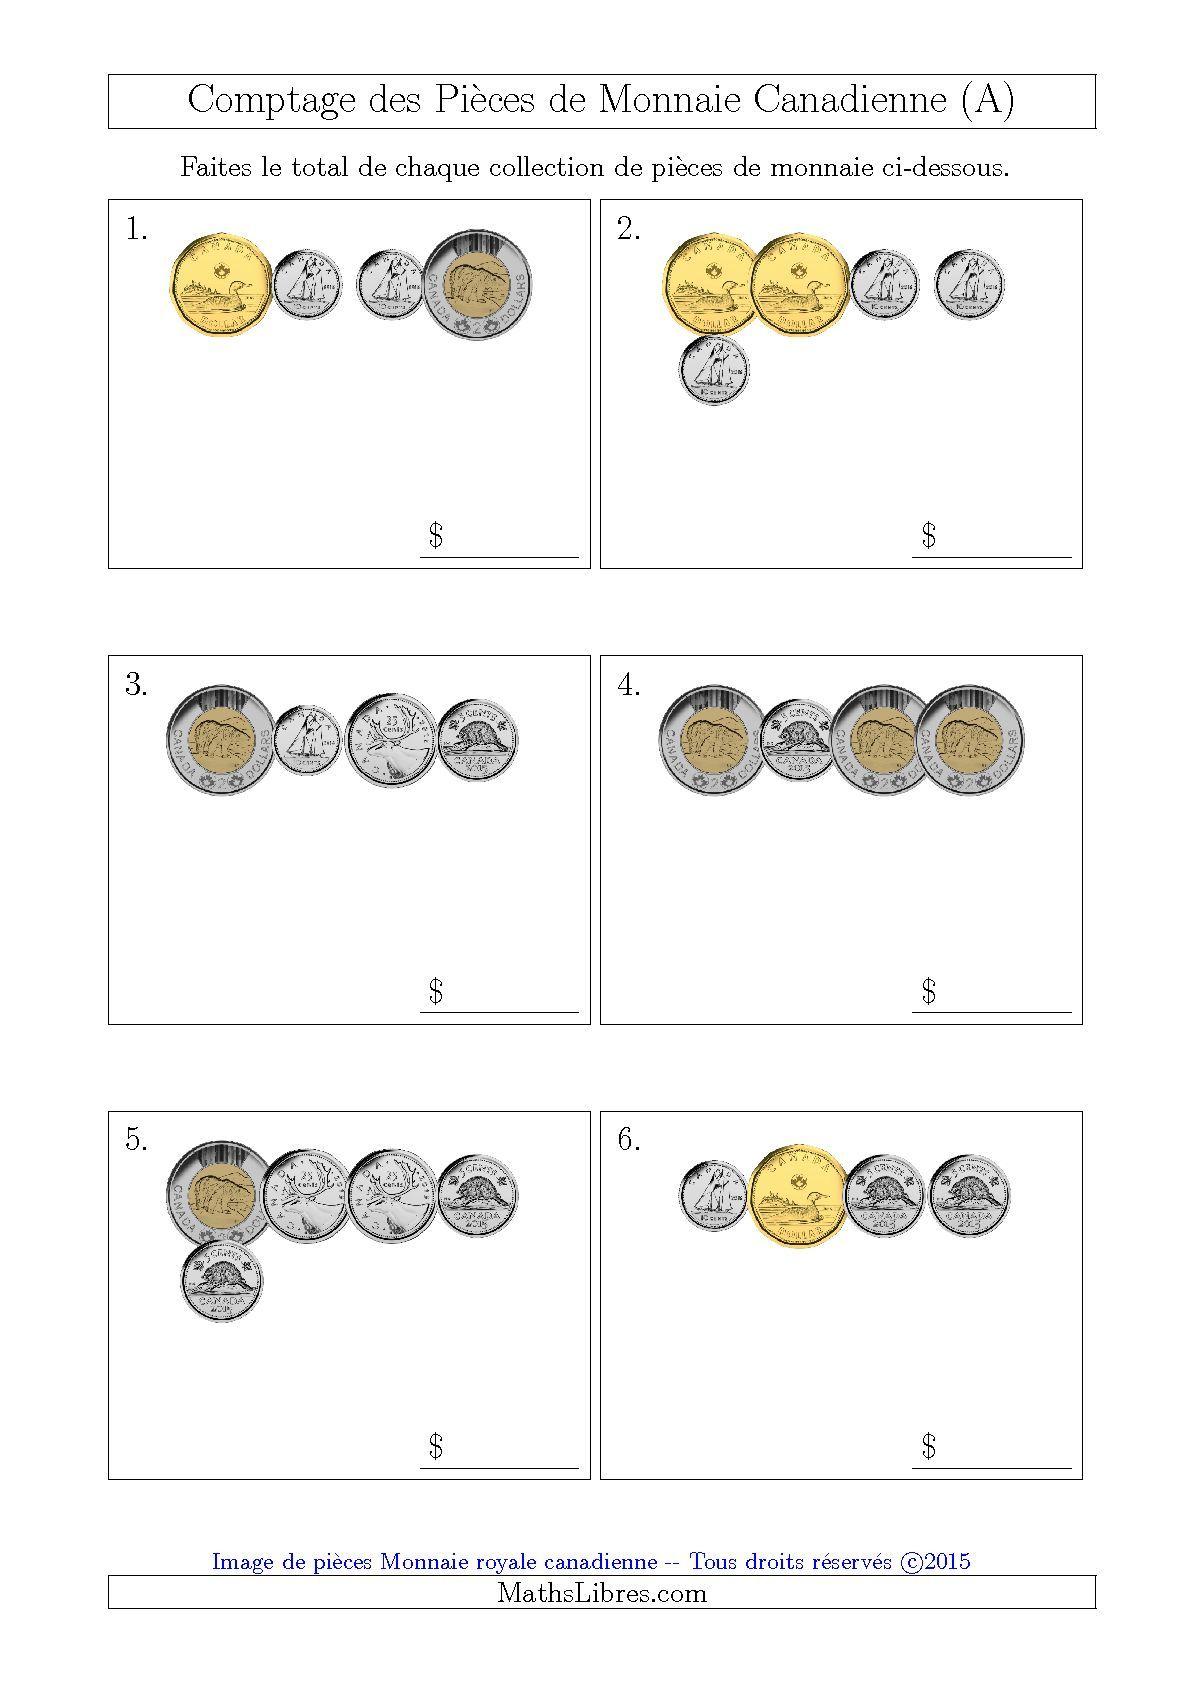 La Fiche D Exercices De Maths Comptage Des Pieces De